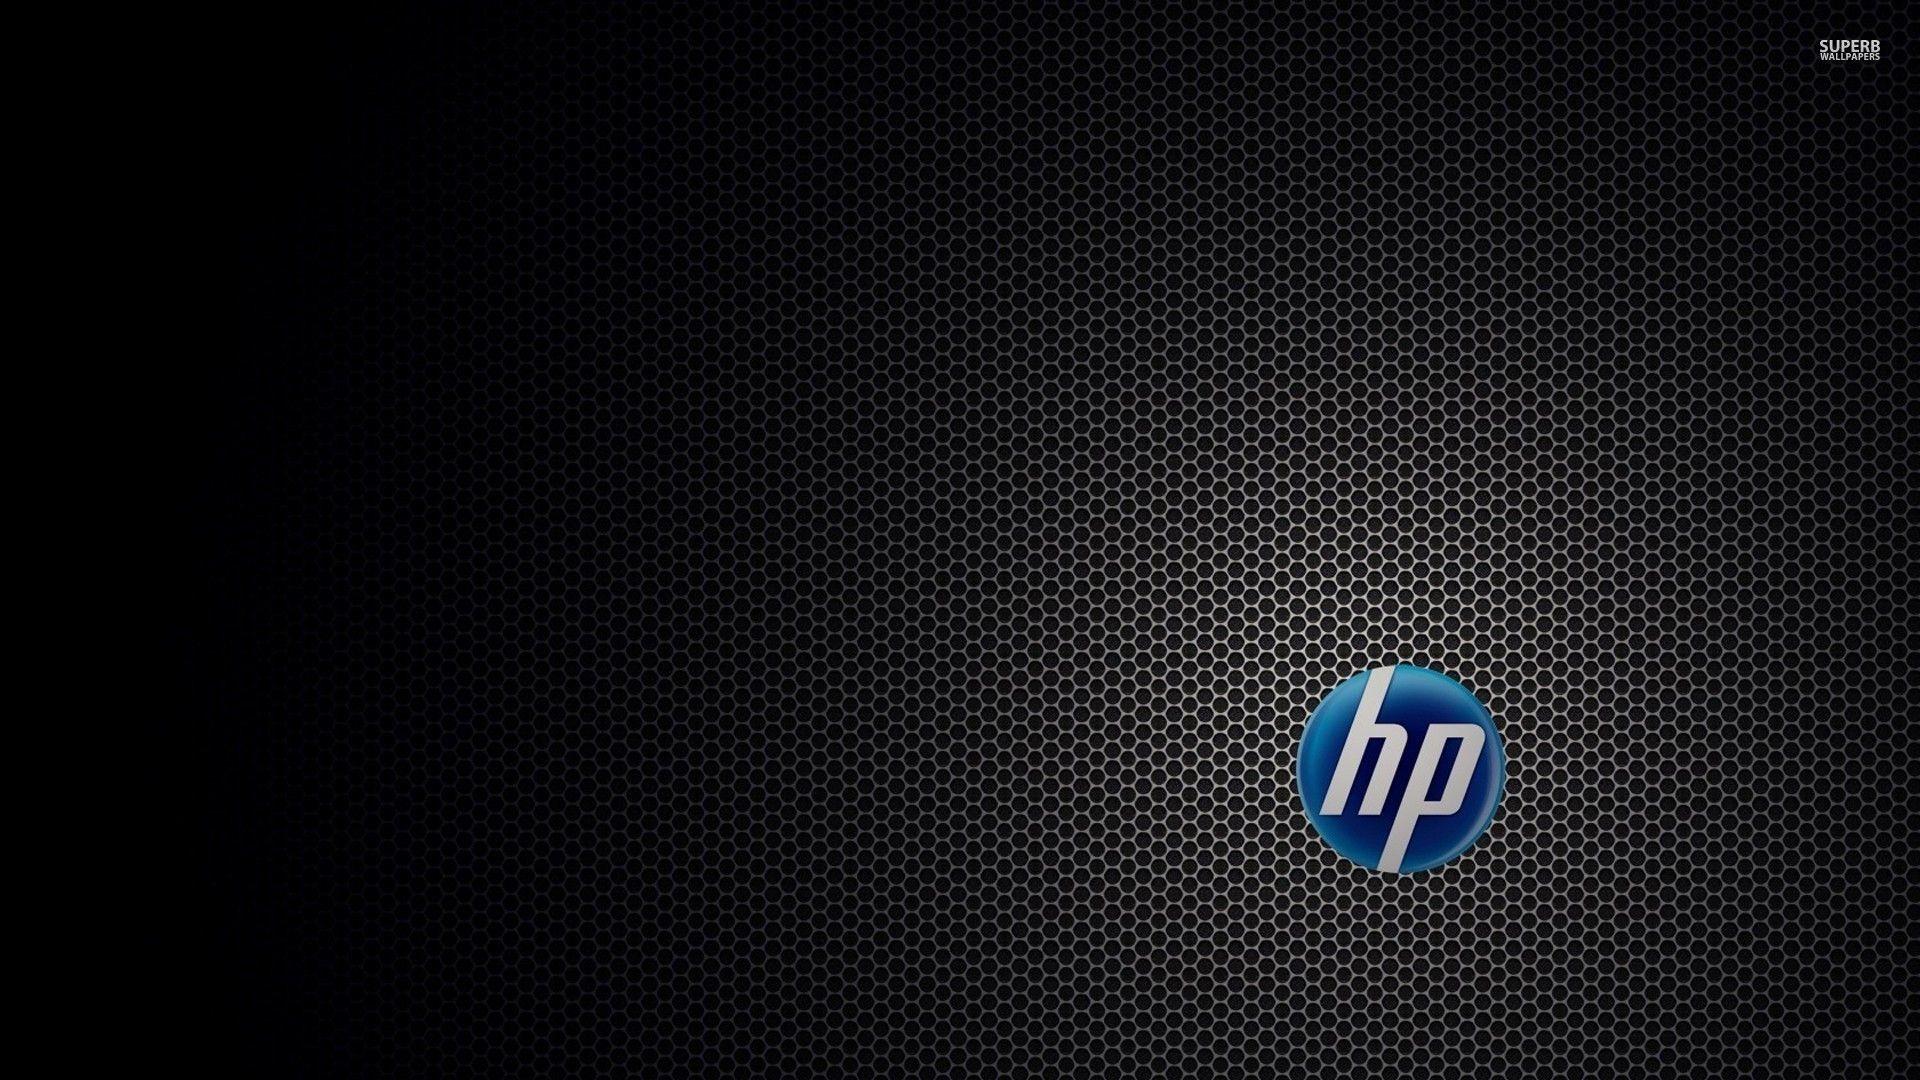 Res: 1920x1080, Hp Server Wallpaper